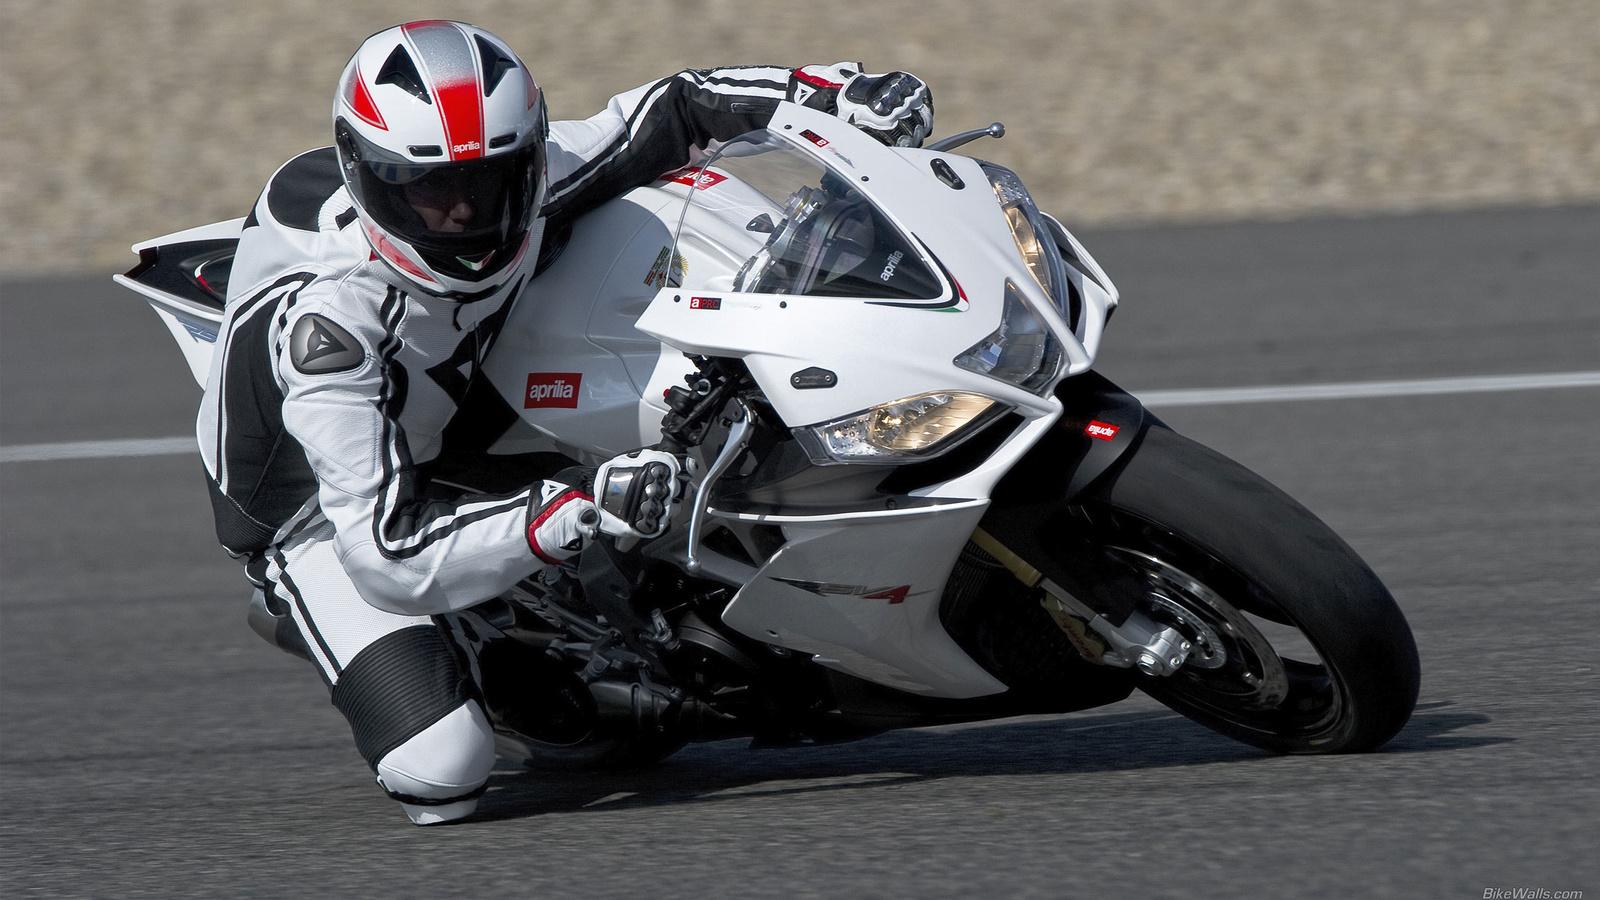 aprilia, road, rsv4 r, rsv4 r 2011, мото, мотоциклы, moto, motorcycle, motorbike